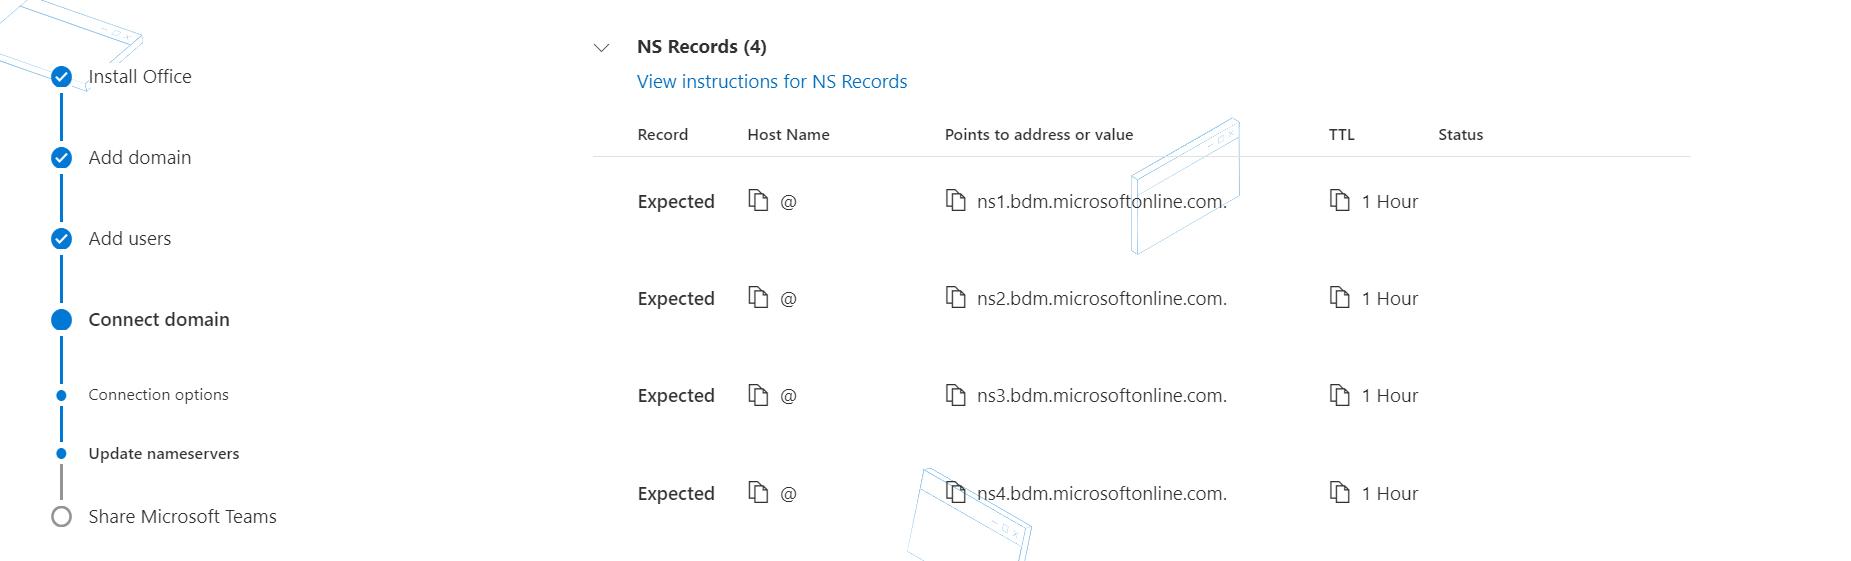 Agregar registros de servidores de nombres.